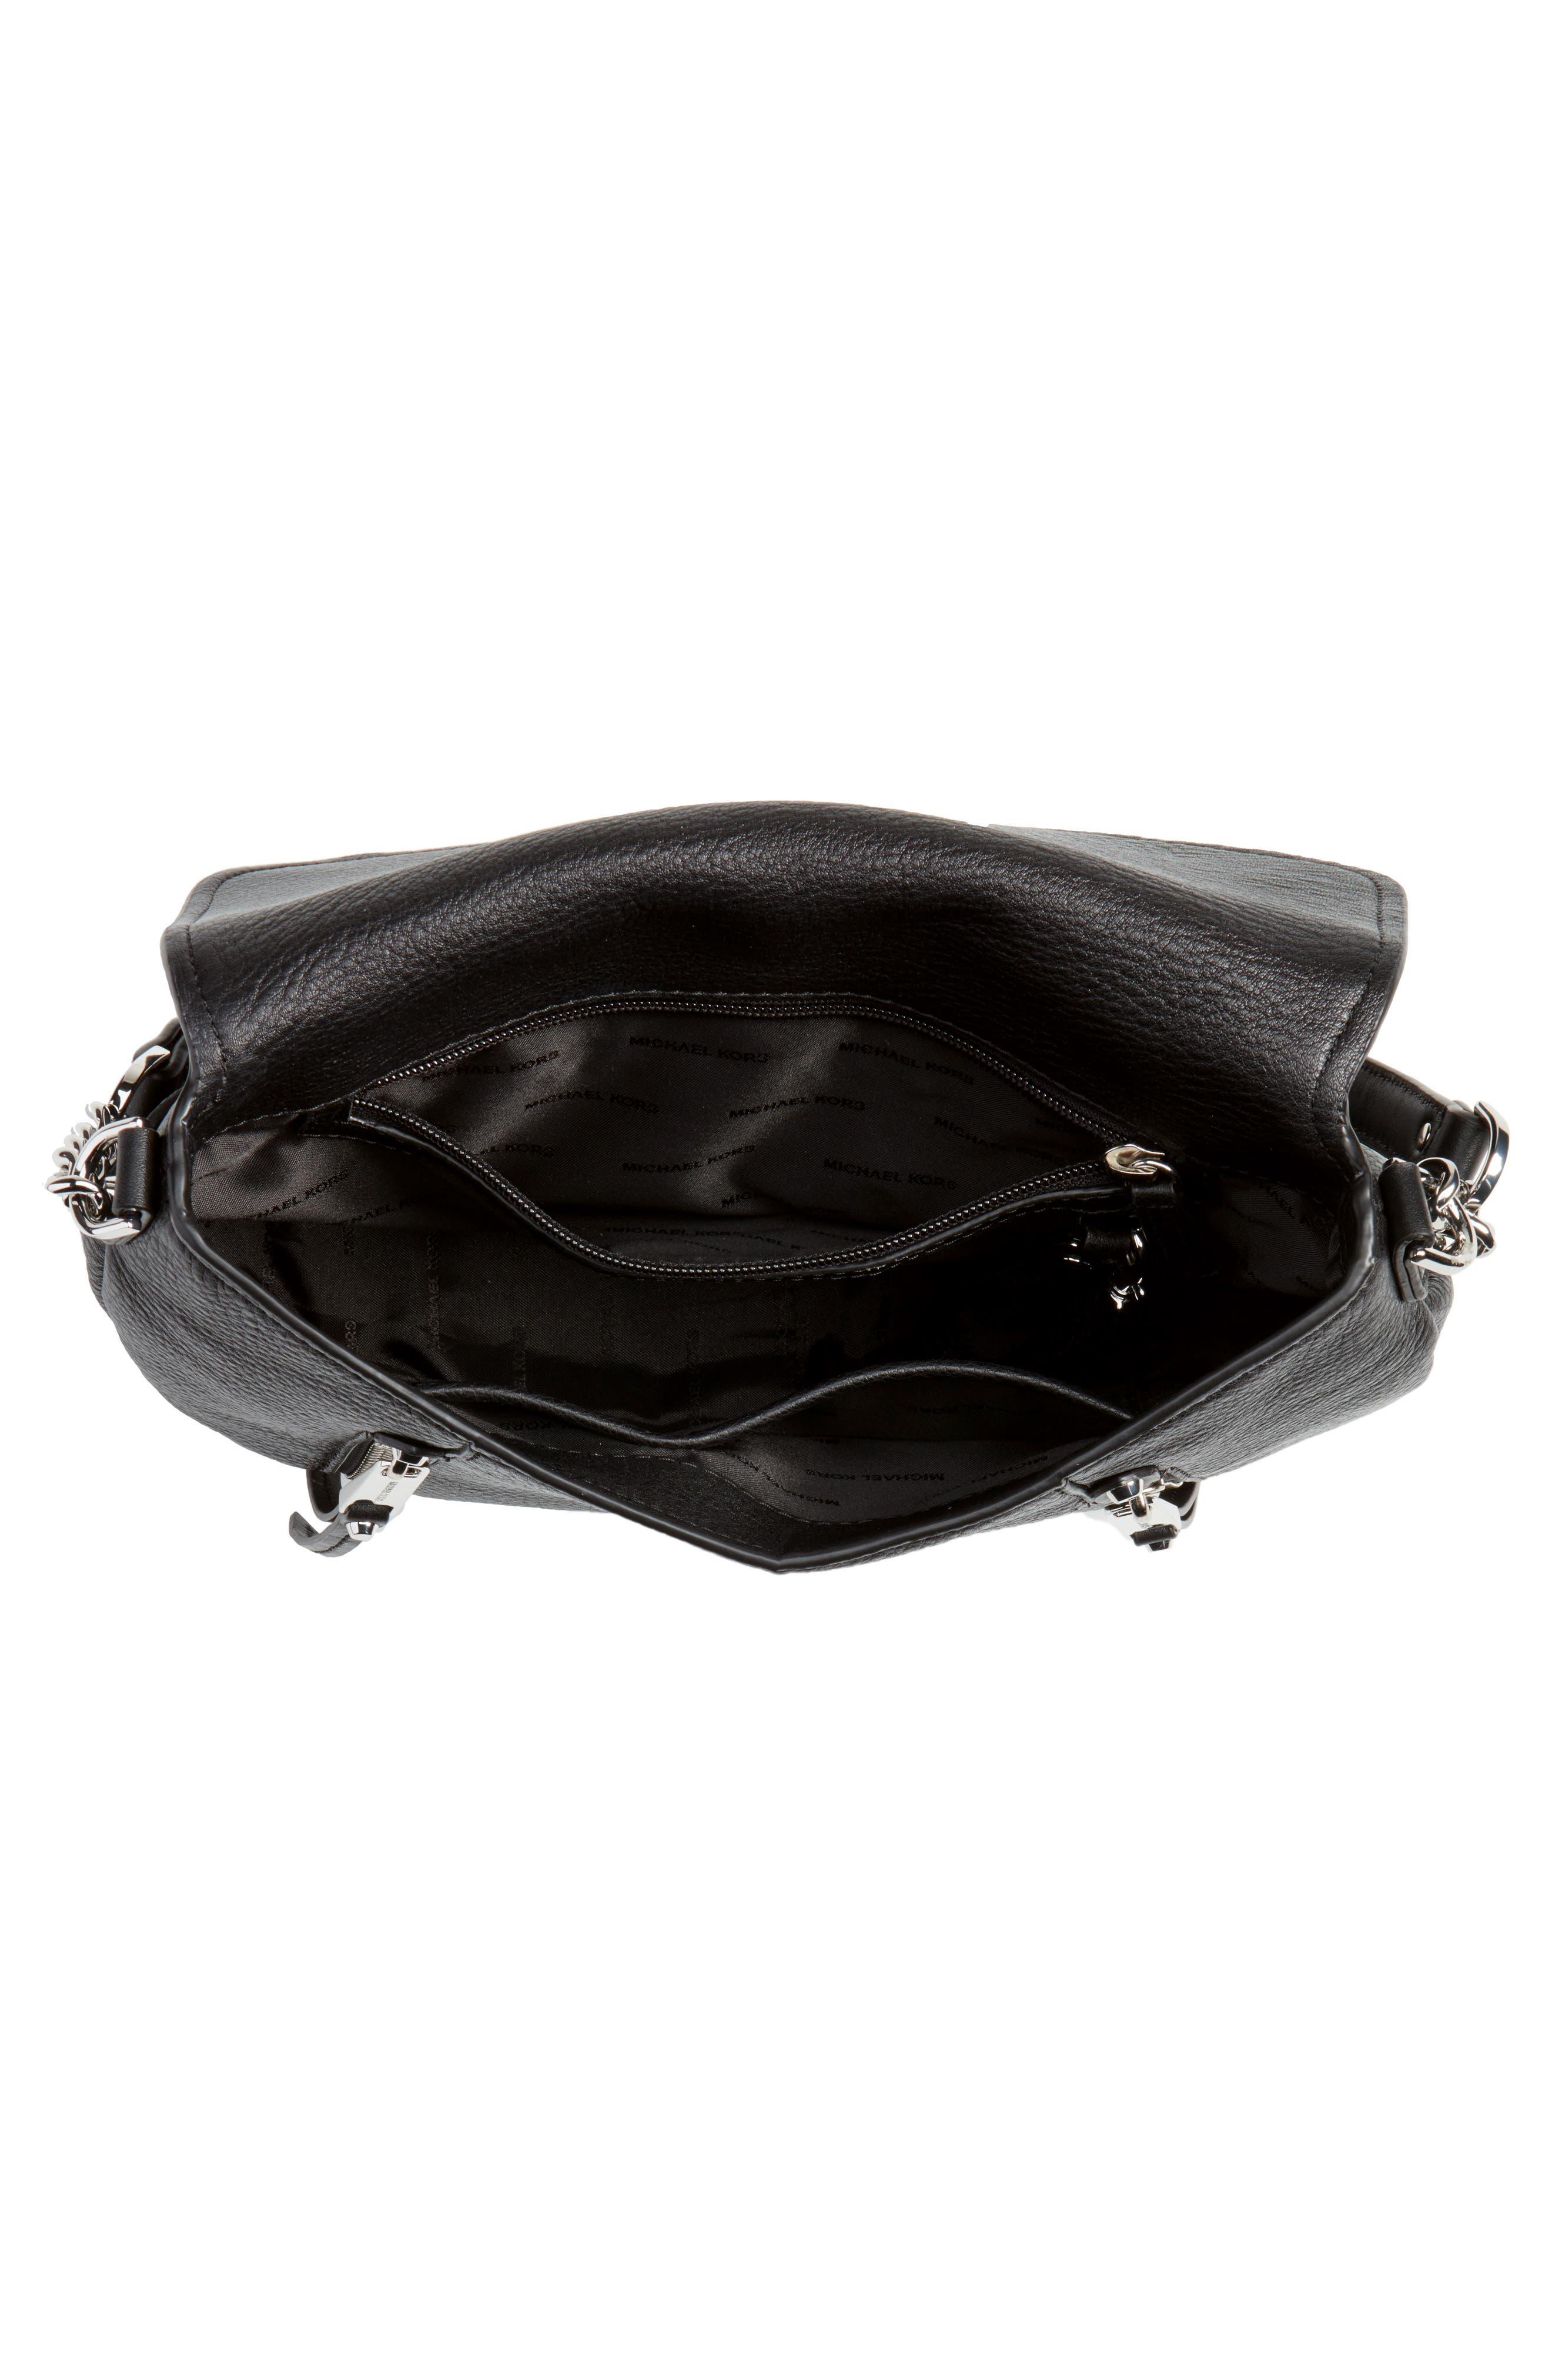 Medium Leather Shoulder Bag,                             Alternate thumbnail 4, color,                             001